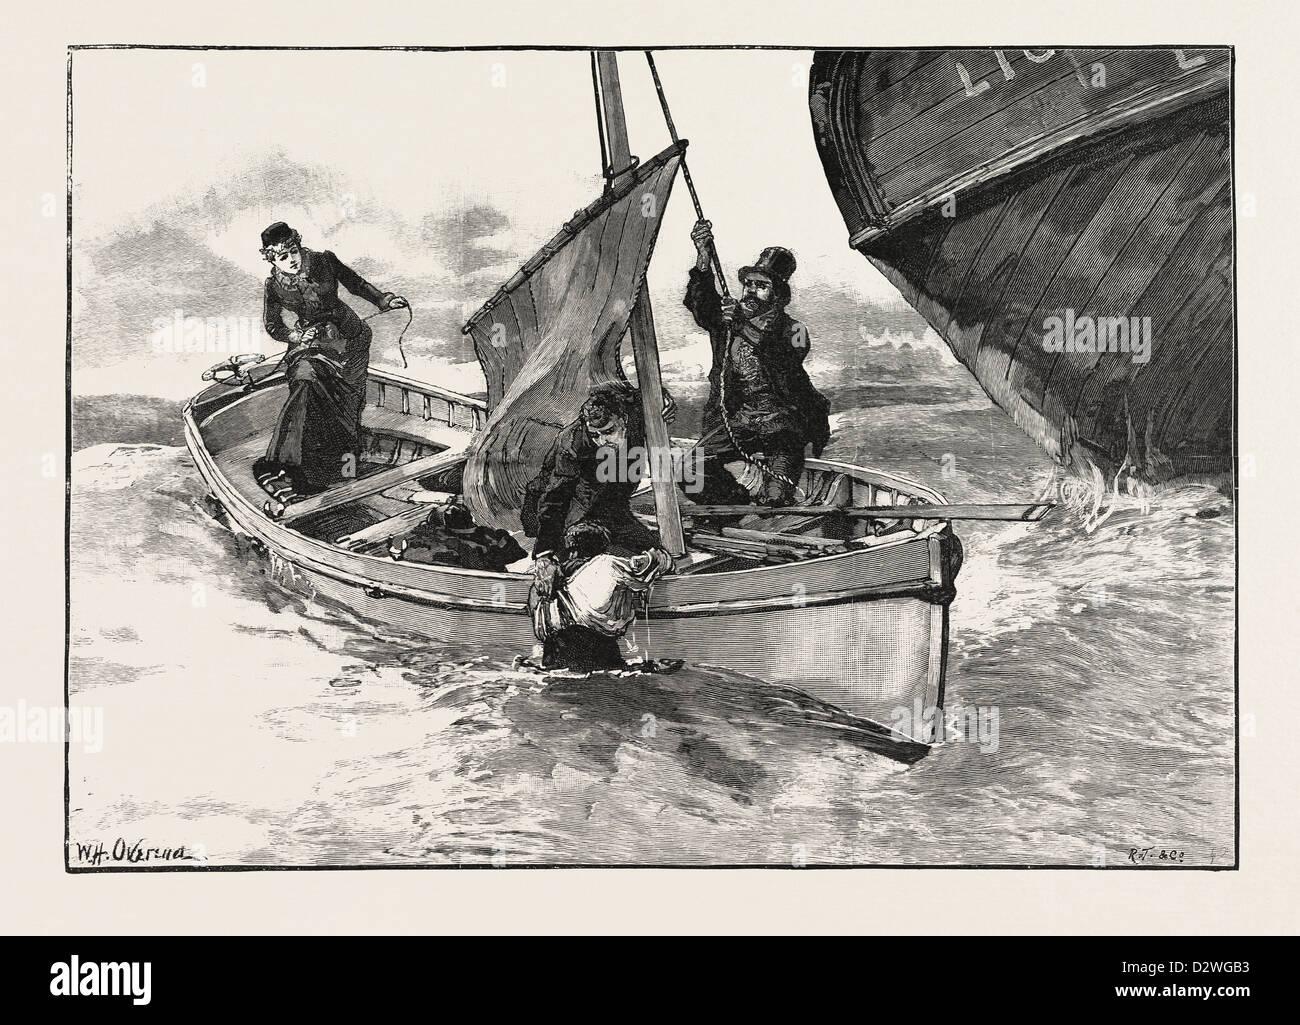 Mentre ho afferrato a lui Abramo entrobordo era issare la vela. Disegnata da W.H. OVEREND Immagini Stock